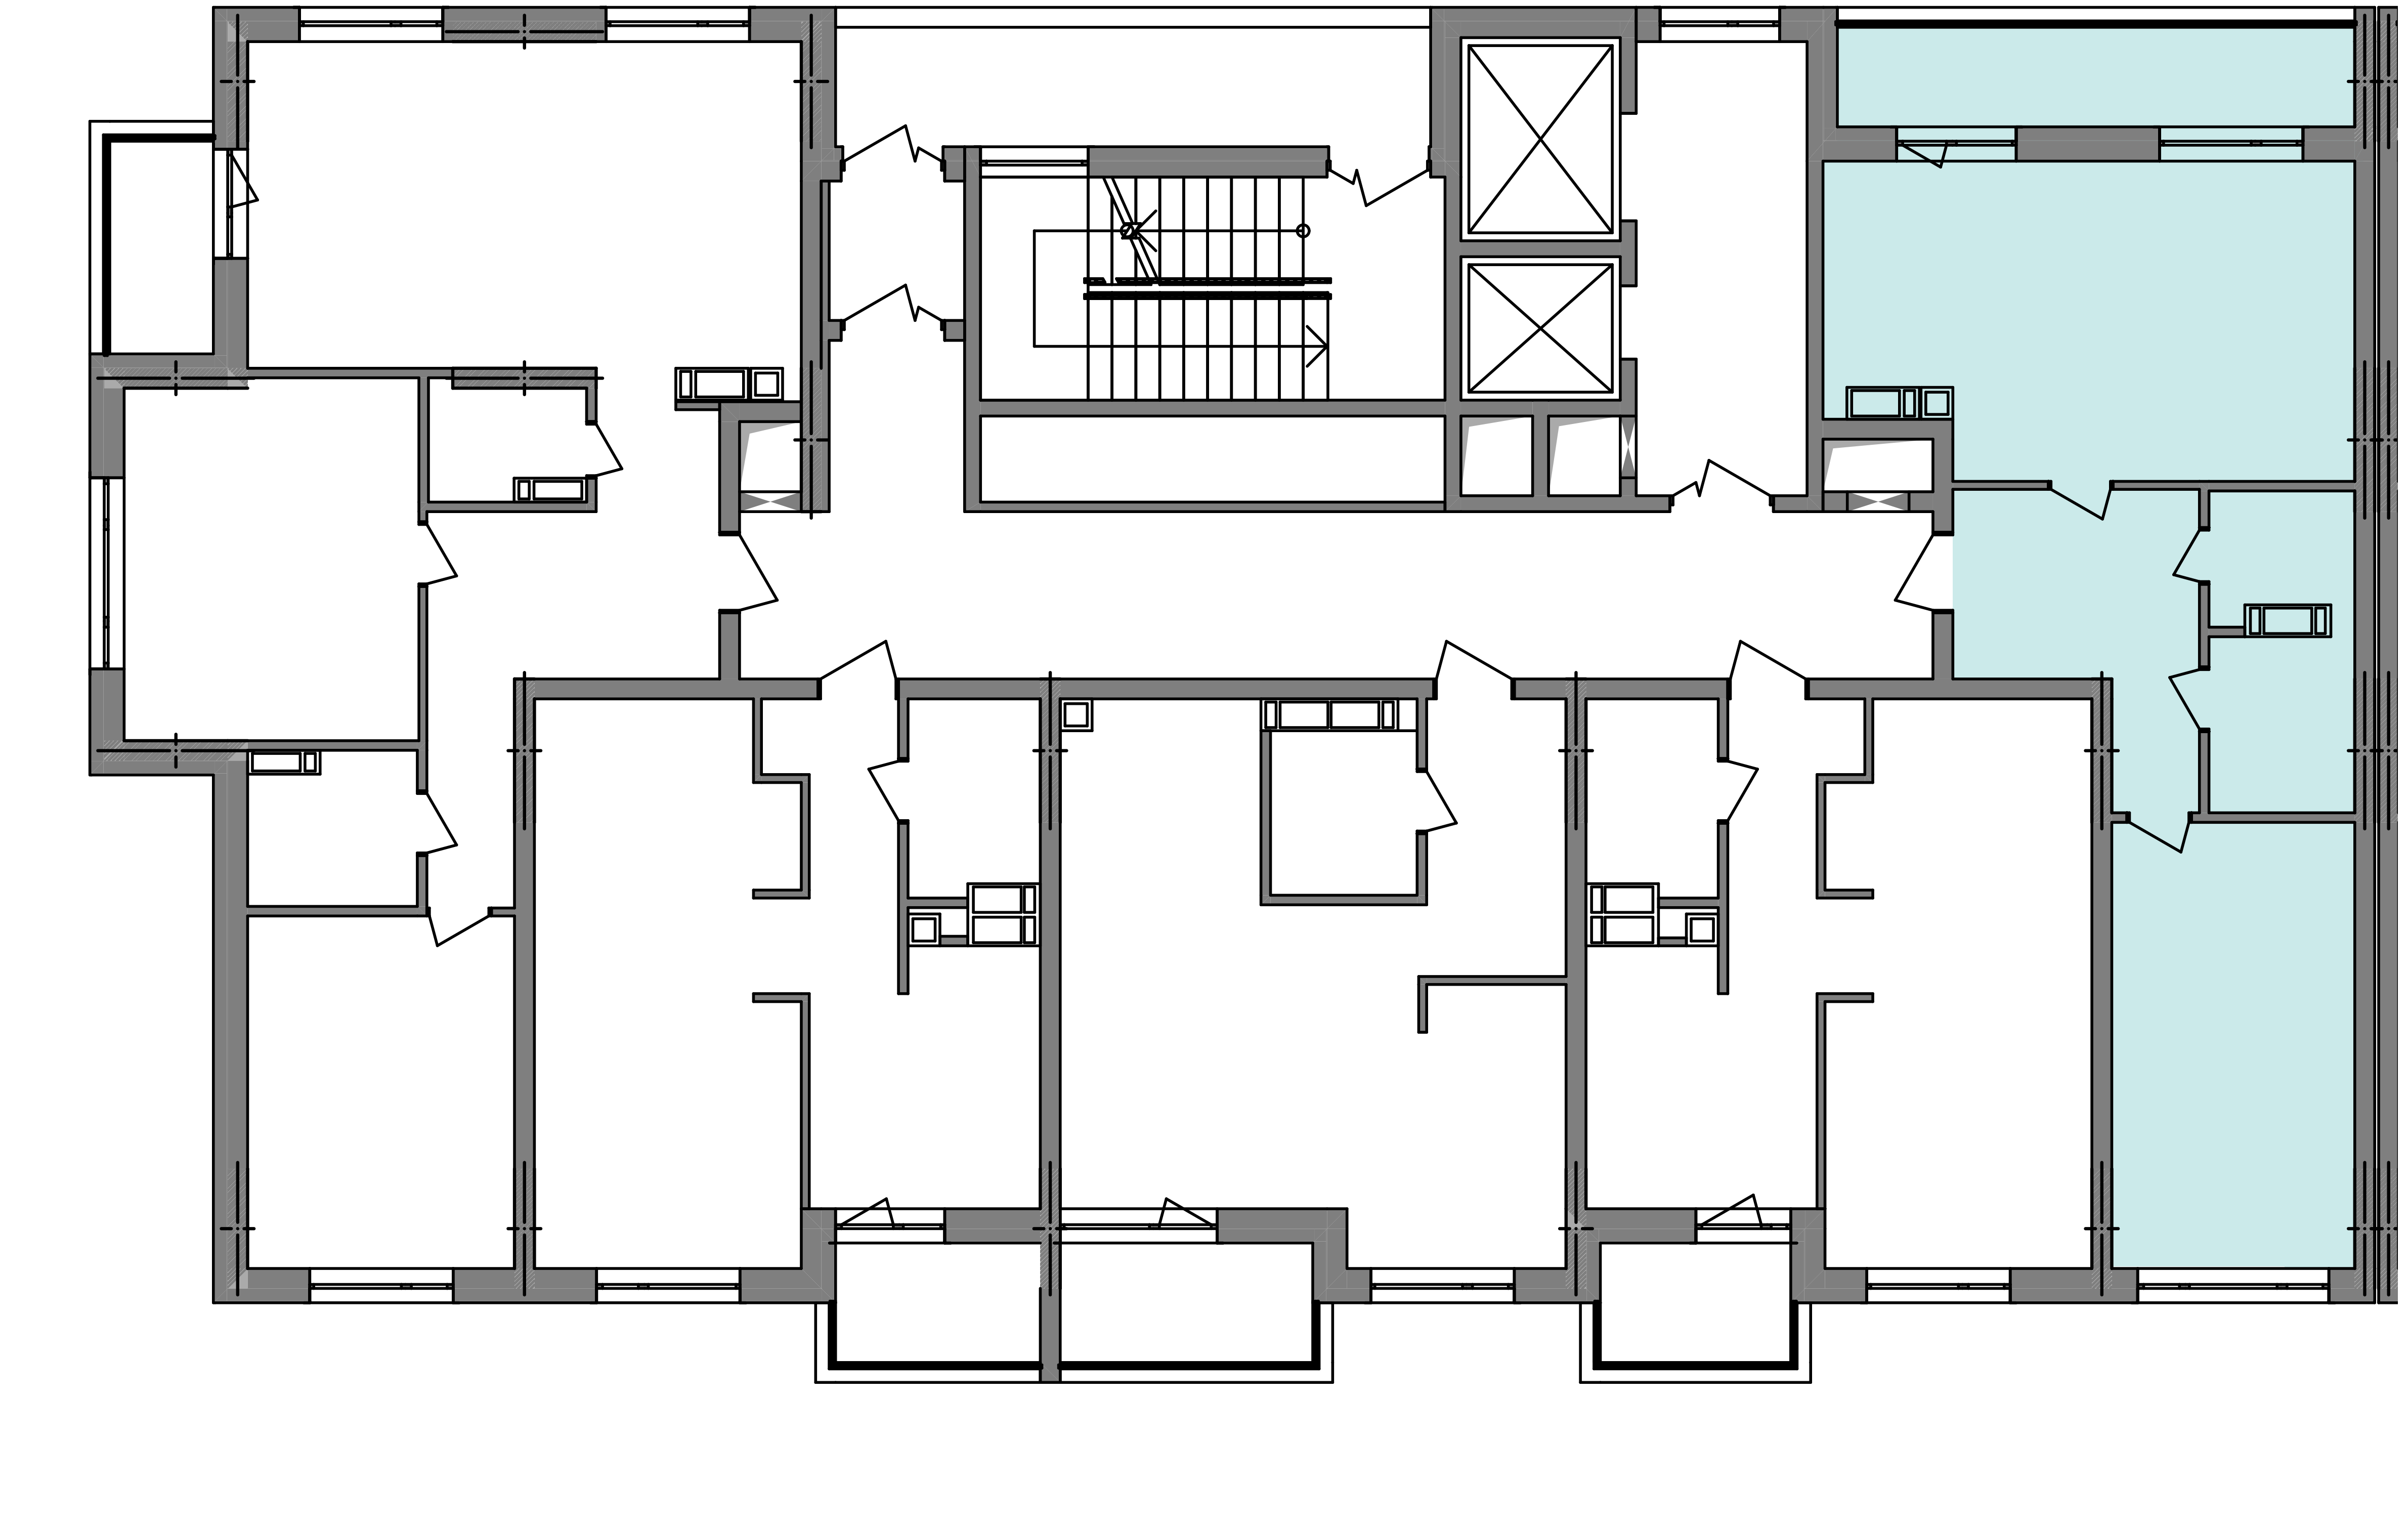 Двокімнатна квартира 60,69 кв.м., тип 2.1, будинок 2, секція 5 розташування на поверсі